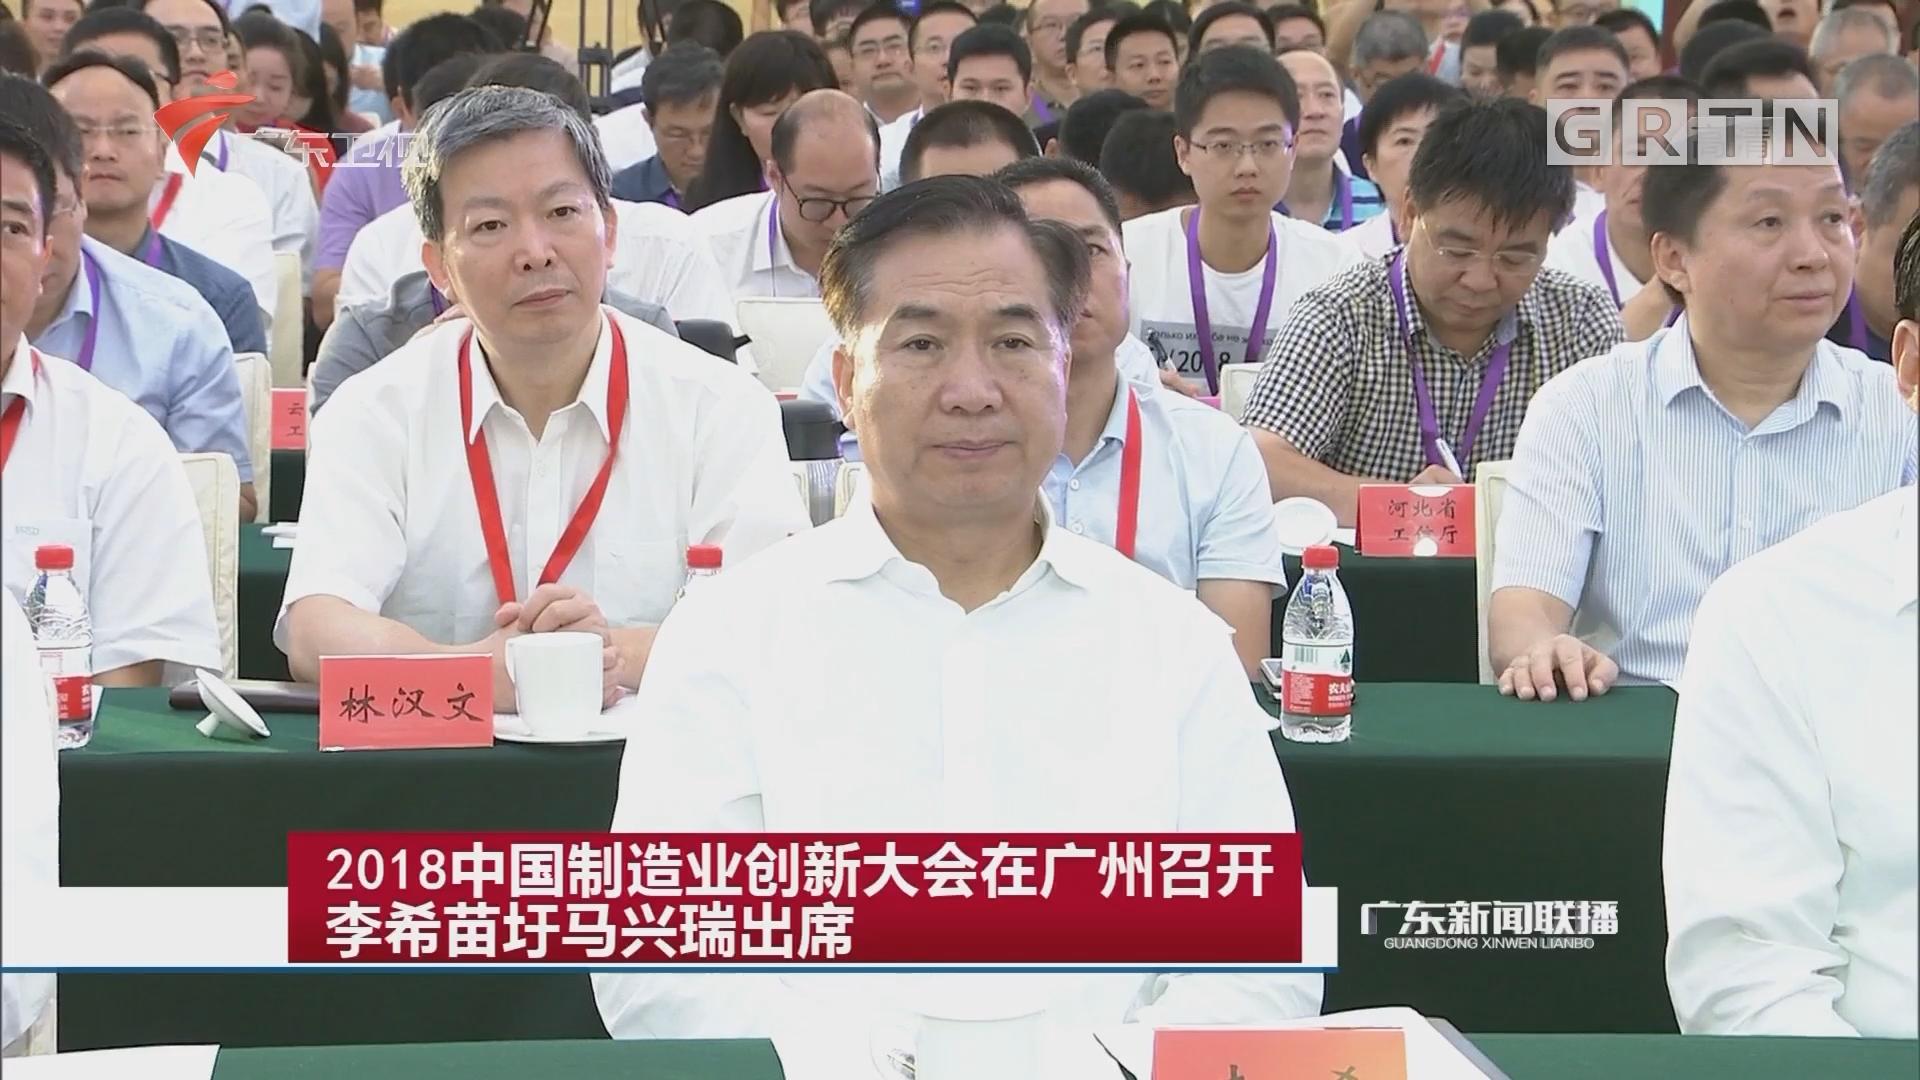 2018中國制造業創新大會在廣州召開 李希苗圩馬興瑞出席